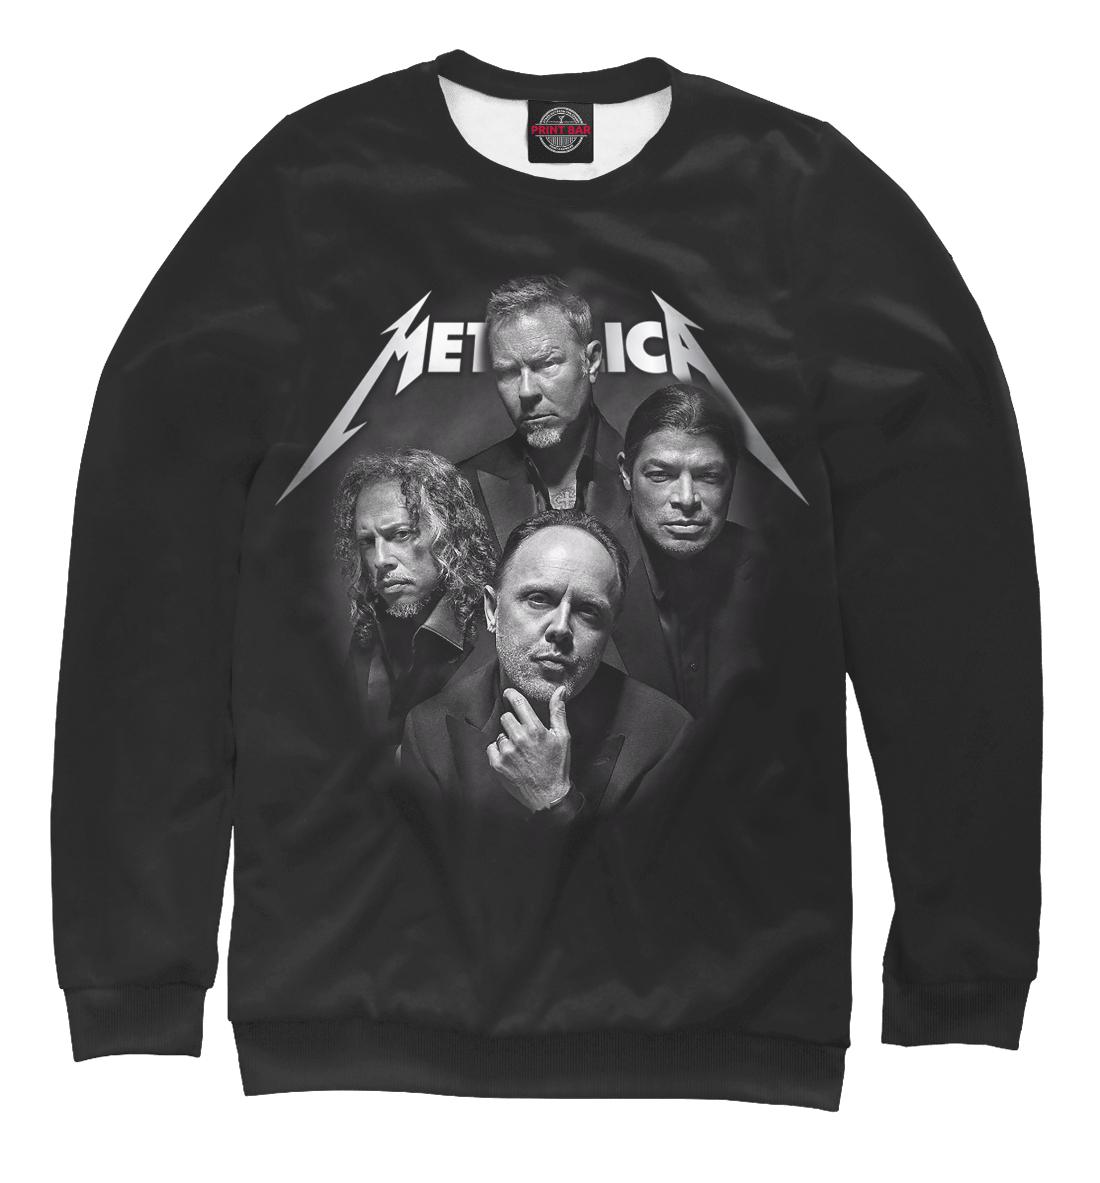 Купить Metallica, Printbar, Свитшоты, MET-591536-swi-2